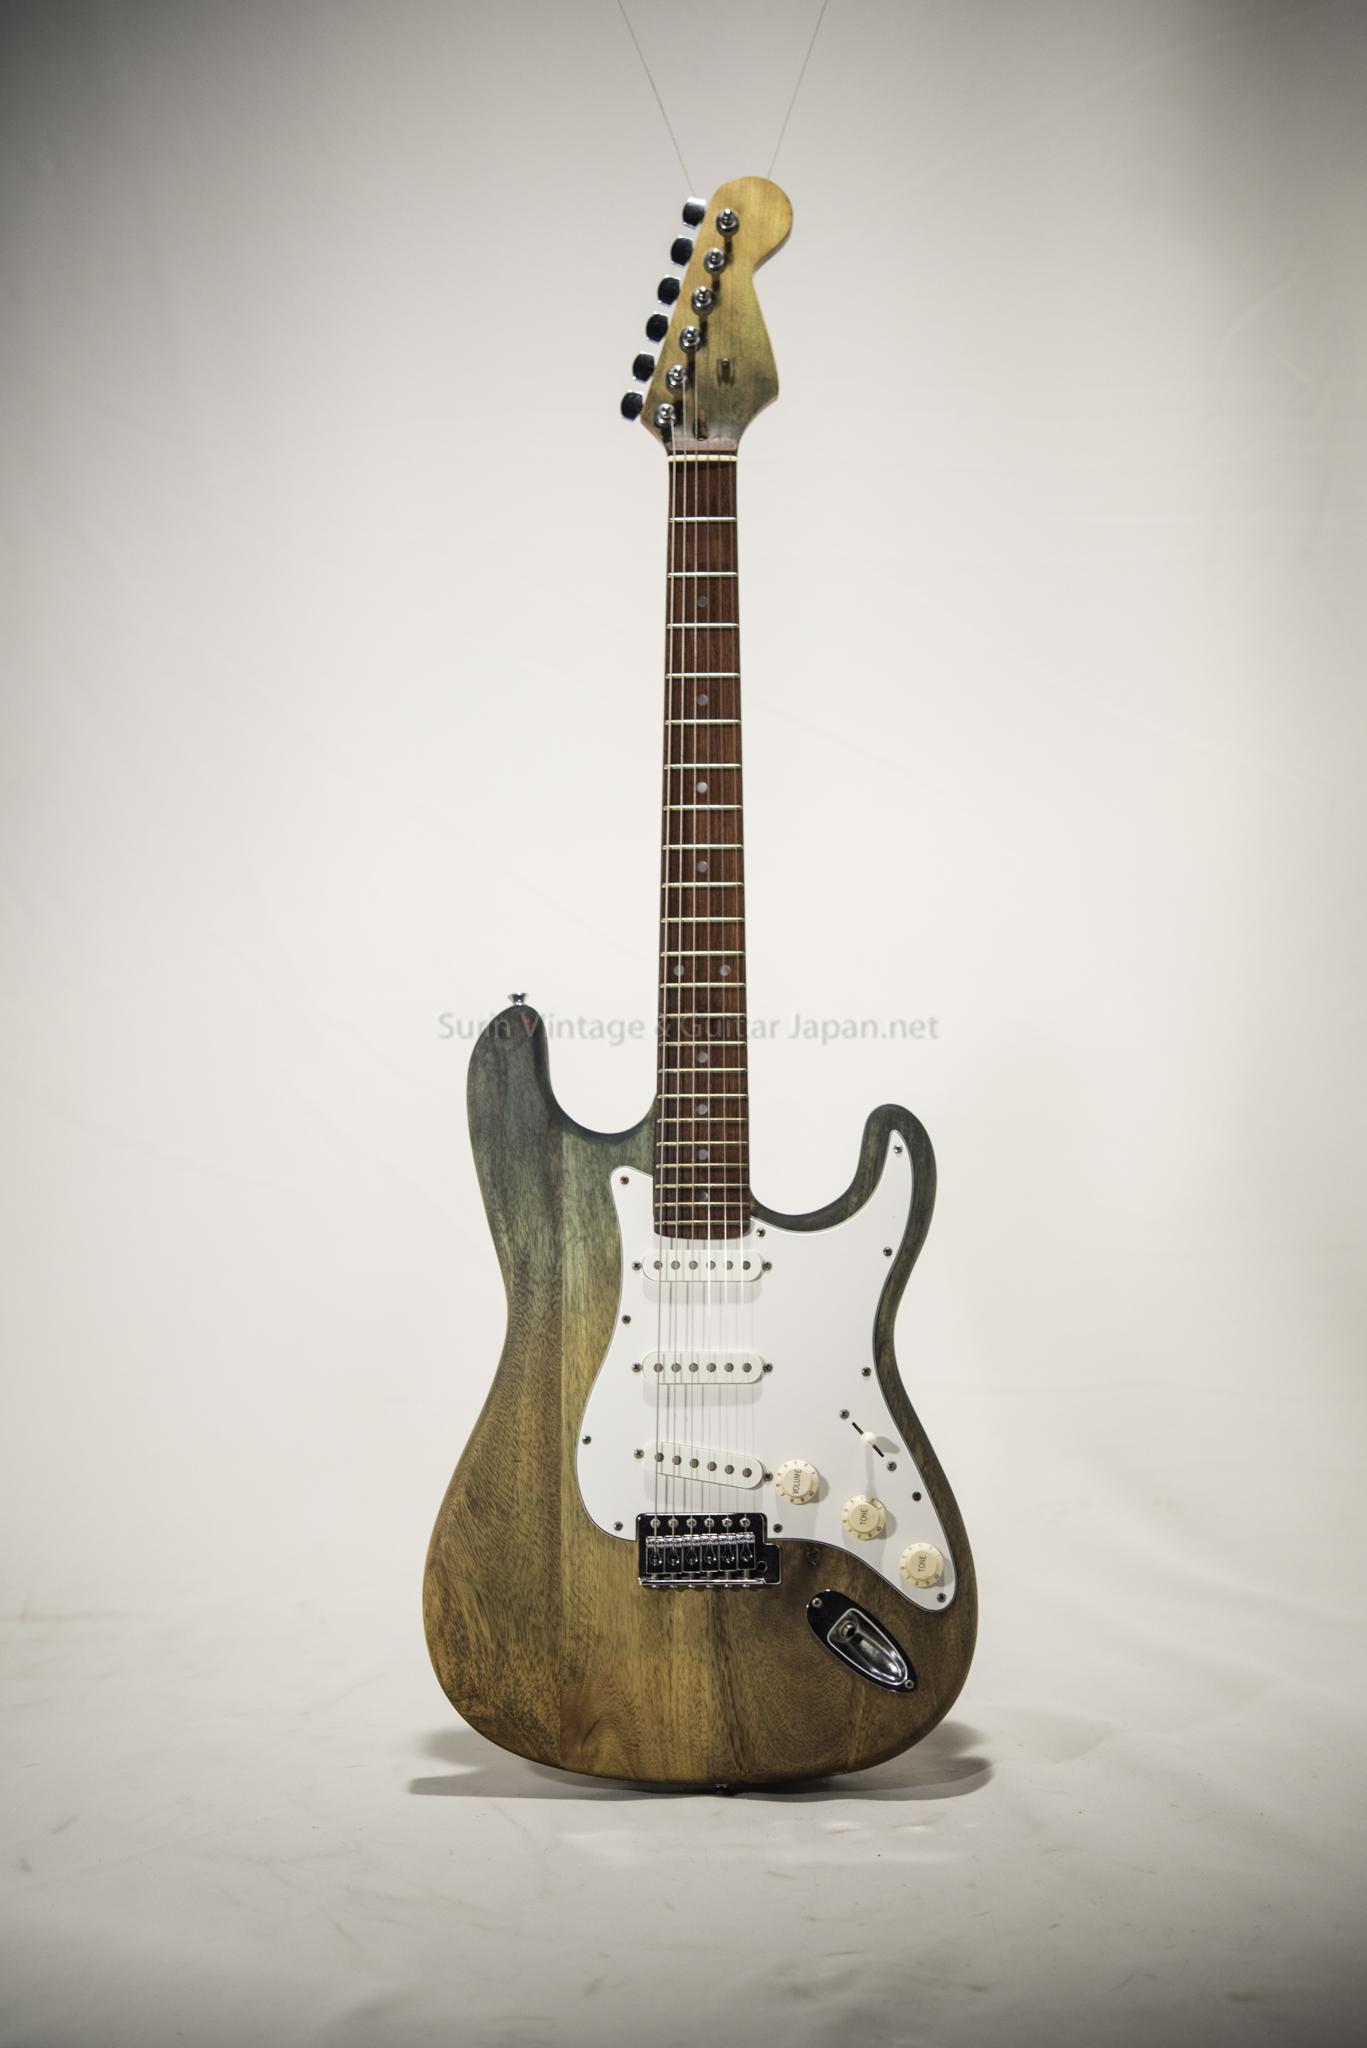 กีต้าร์ไฟฟ้ามือสอง Stratocaster Modify No.46